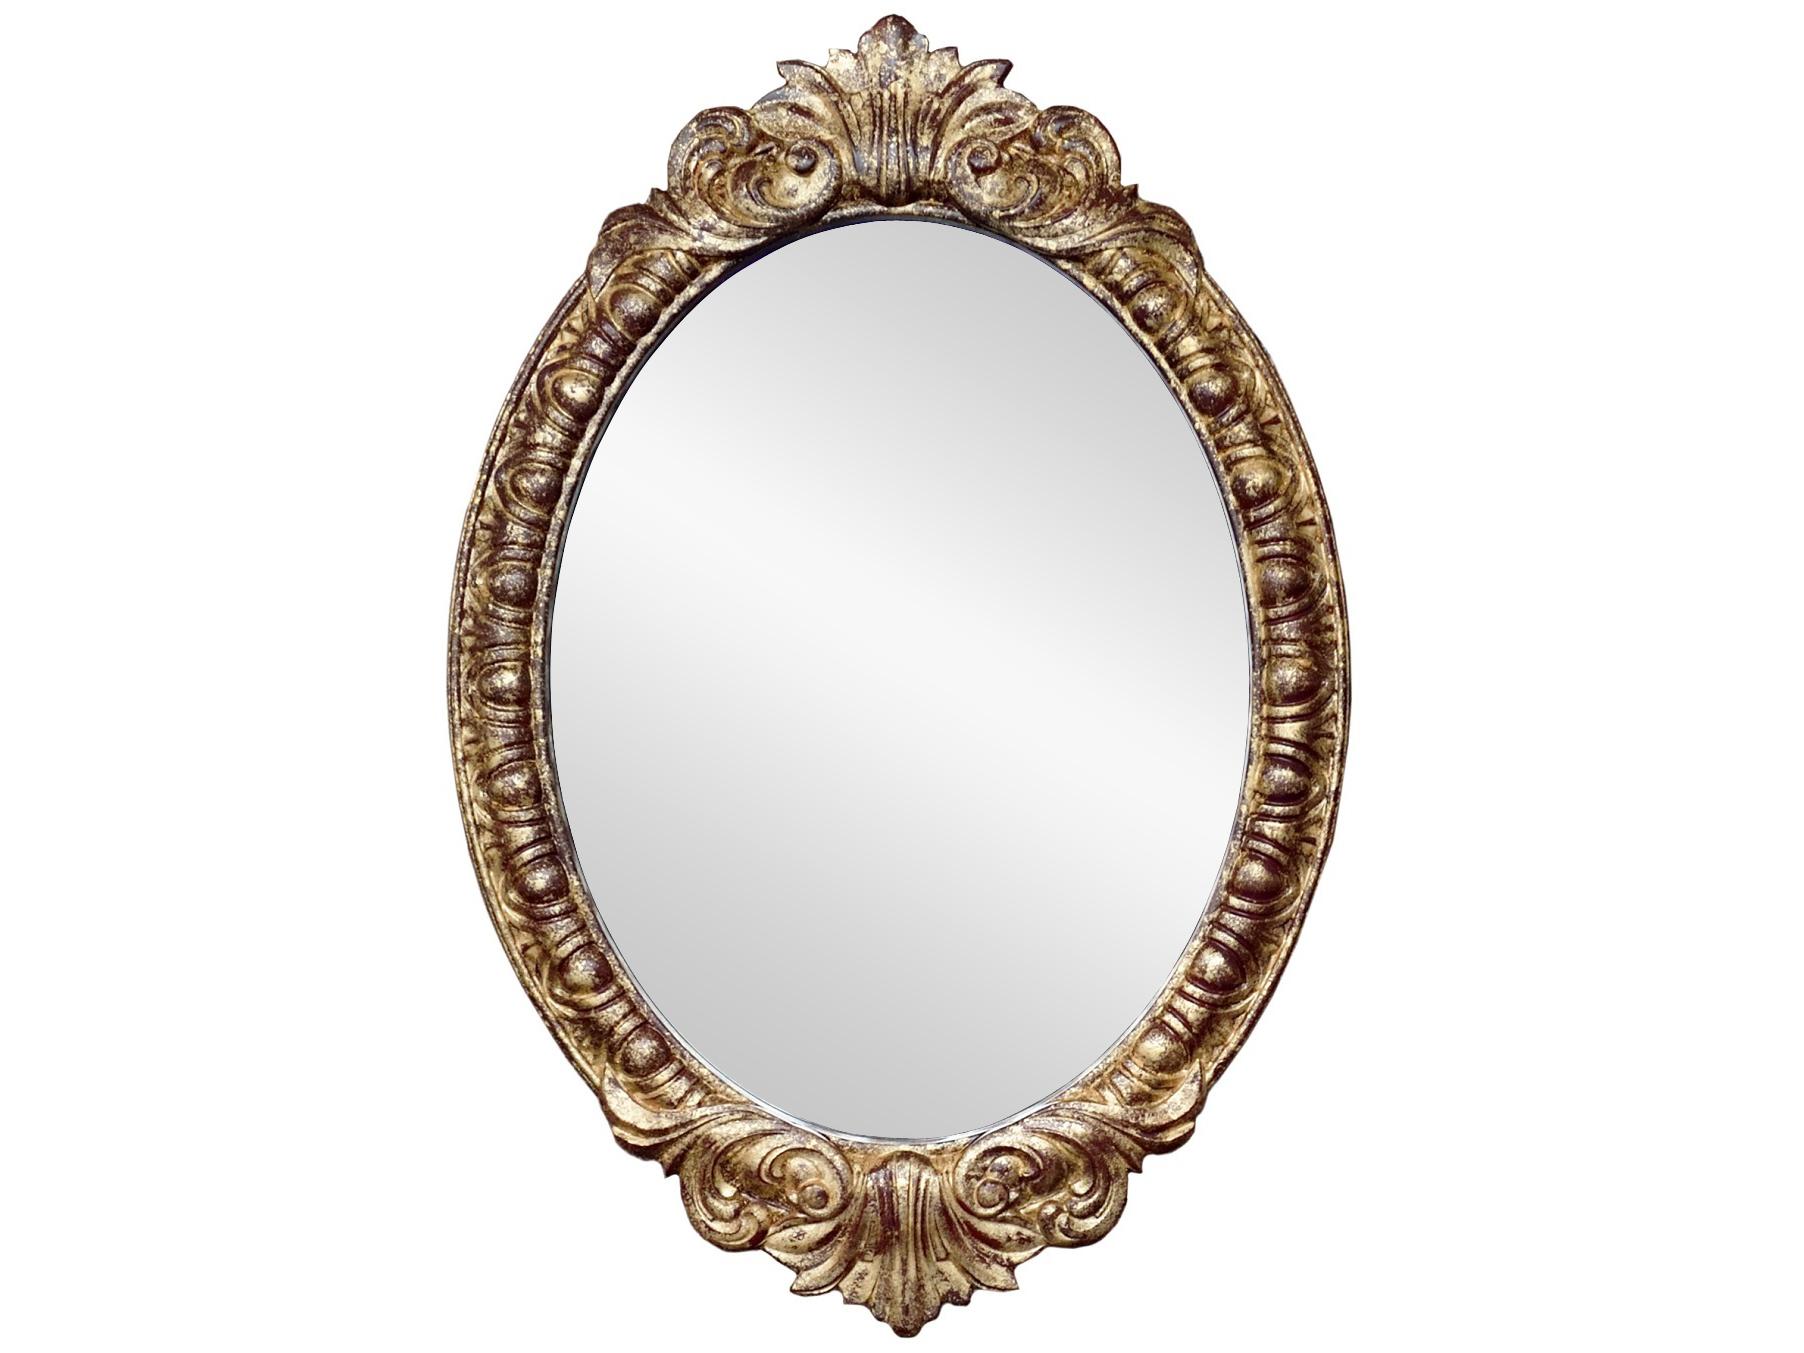 Зеркало ВЕНЕЦИЯНастенные зеркала<br>&amp;lt;div&amp;gt;Это зеркало — тот редкий случай, когда винтаж — не просто слово. Резное обрамление сделано из современного композитного материала, но окрашено так искусно, что от музейных экспонатов не отличишь. Поверхность выполнена в темной вишневой гамме с имитацией сусального золота и характерными потертостями &amp;quot;под старину&amp;quot;. Полиуретан достаточно практичен, очень прочен и практически вечен, устойчив к влаге, не требует сложного ухода. И ППУ, и используемые красители экологически безопасны.&amp;amp;nbsp;&amp;lt;/div&amp;gt;&amp;lt;div&amp;gt;&amp;lt;br&amp;gt;&amp;lt;/div&amp;gt;&amp;lt;div&amp;gt;Цвет:&amp;amp;nbsp;Вишня Золото Поталь&amp;lt;/div&amp;gt;<br><br>Material: Полиуретан<br>Ширина см: 72<br>Высота см: 104<br>Глубина см: 4